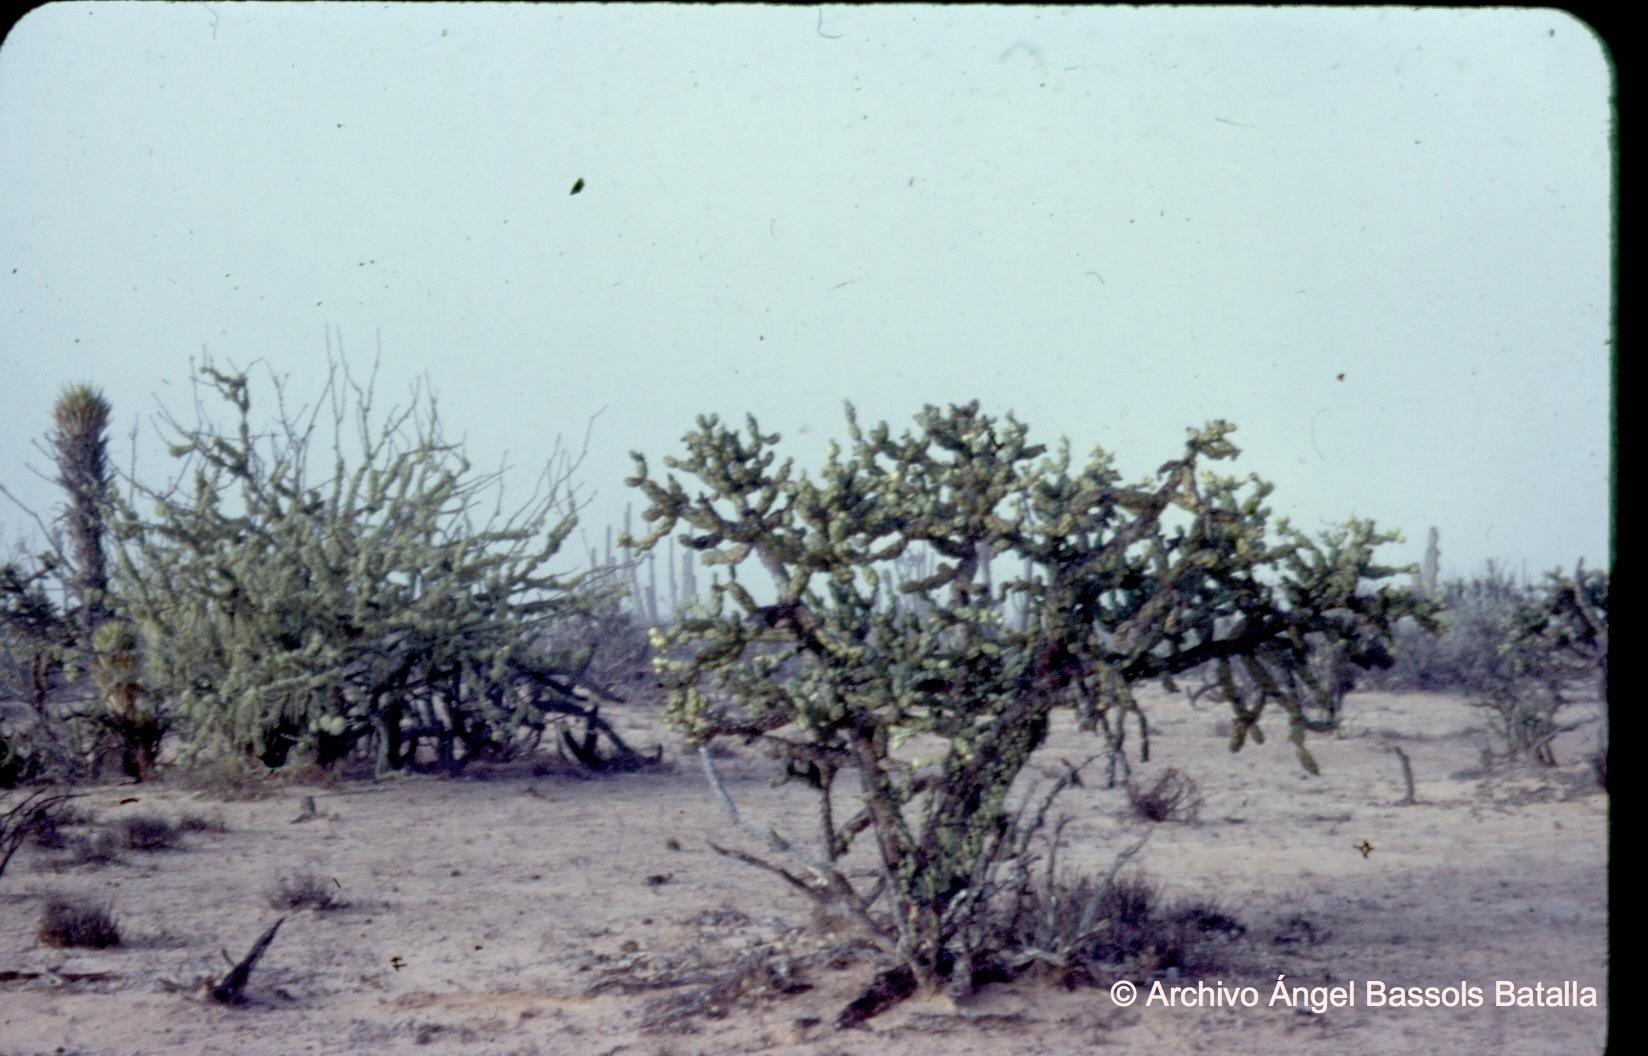 Desierto de Vizcaíno 2